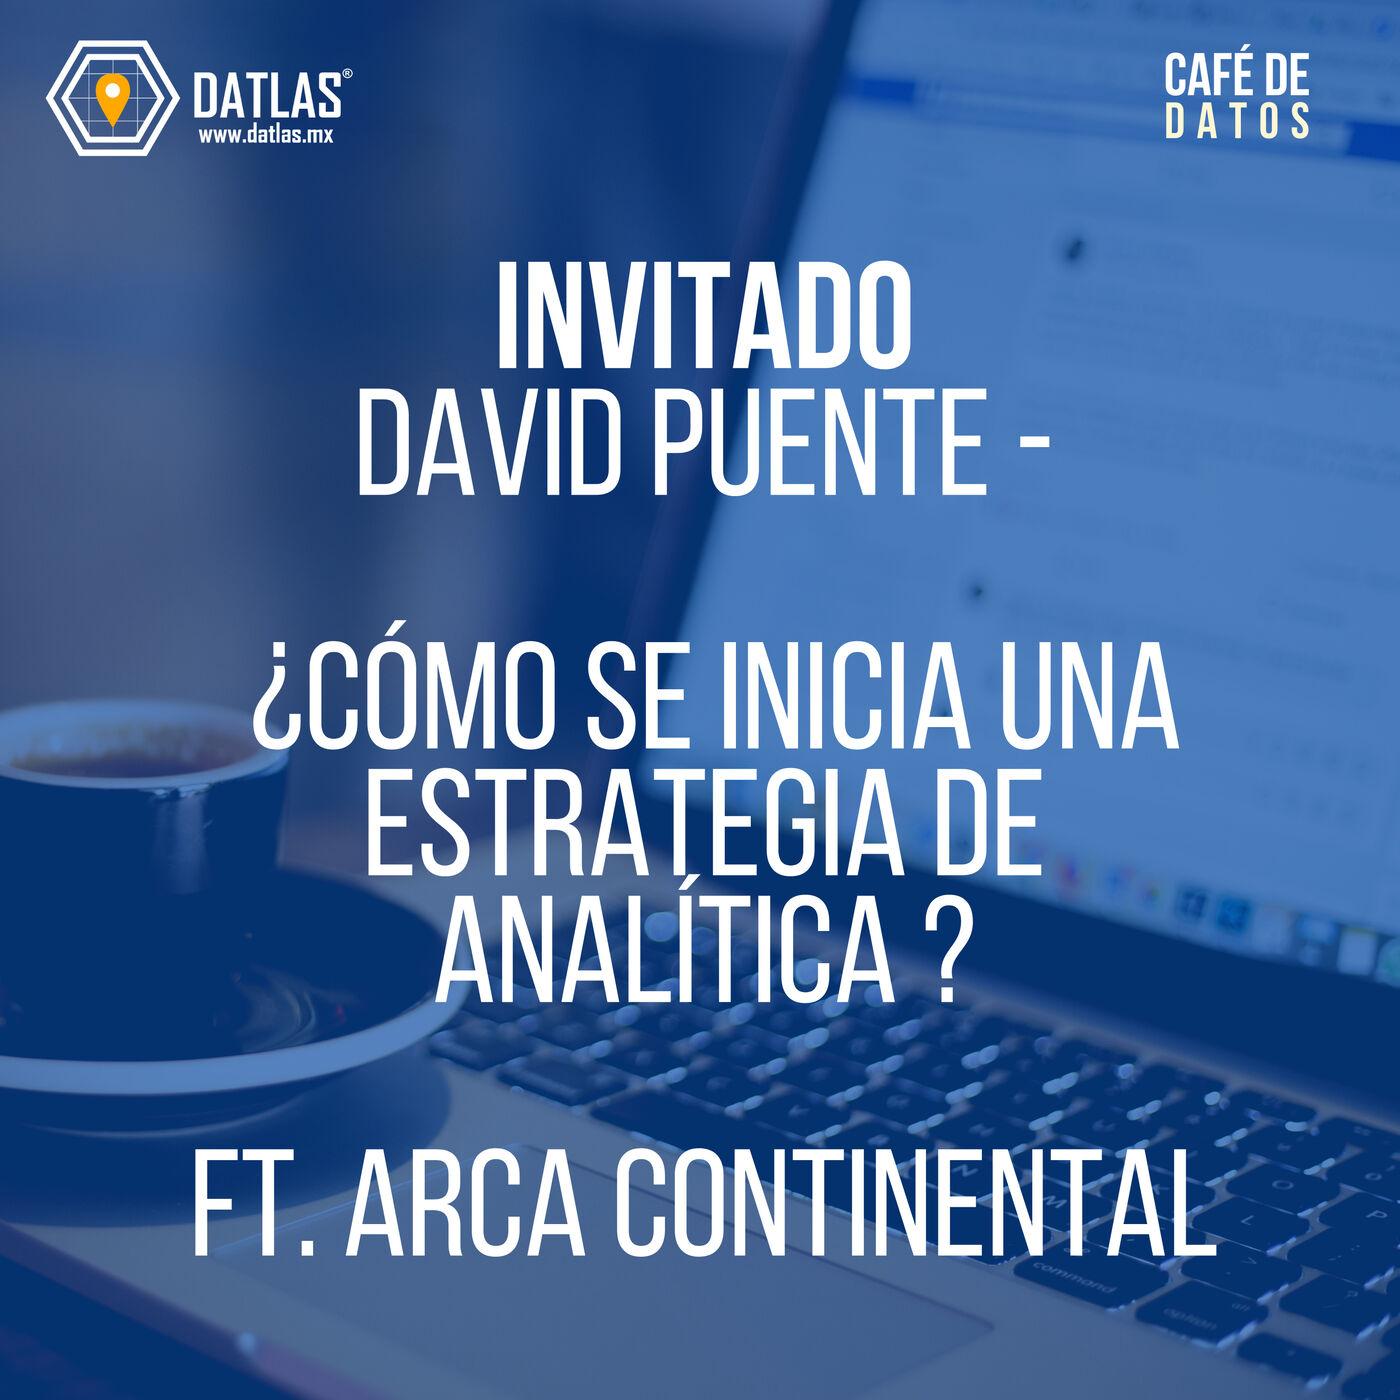 08. Invitado: David Puente ¿Cómo se inicia una estrategia de analítica ? (ft. ARCA CONTINENTAL)